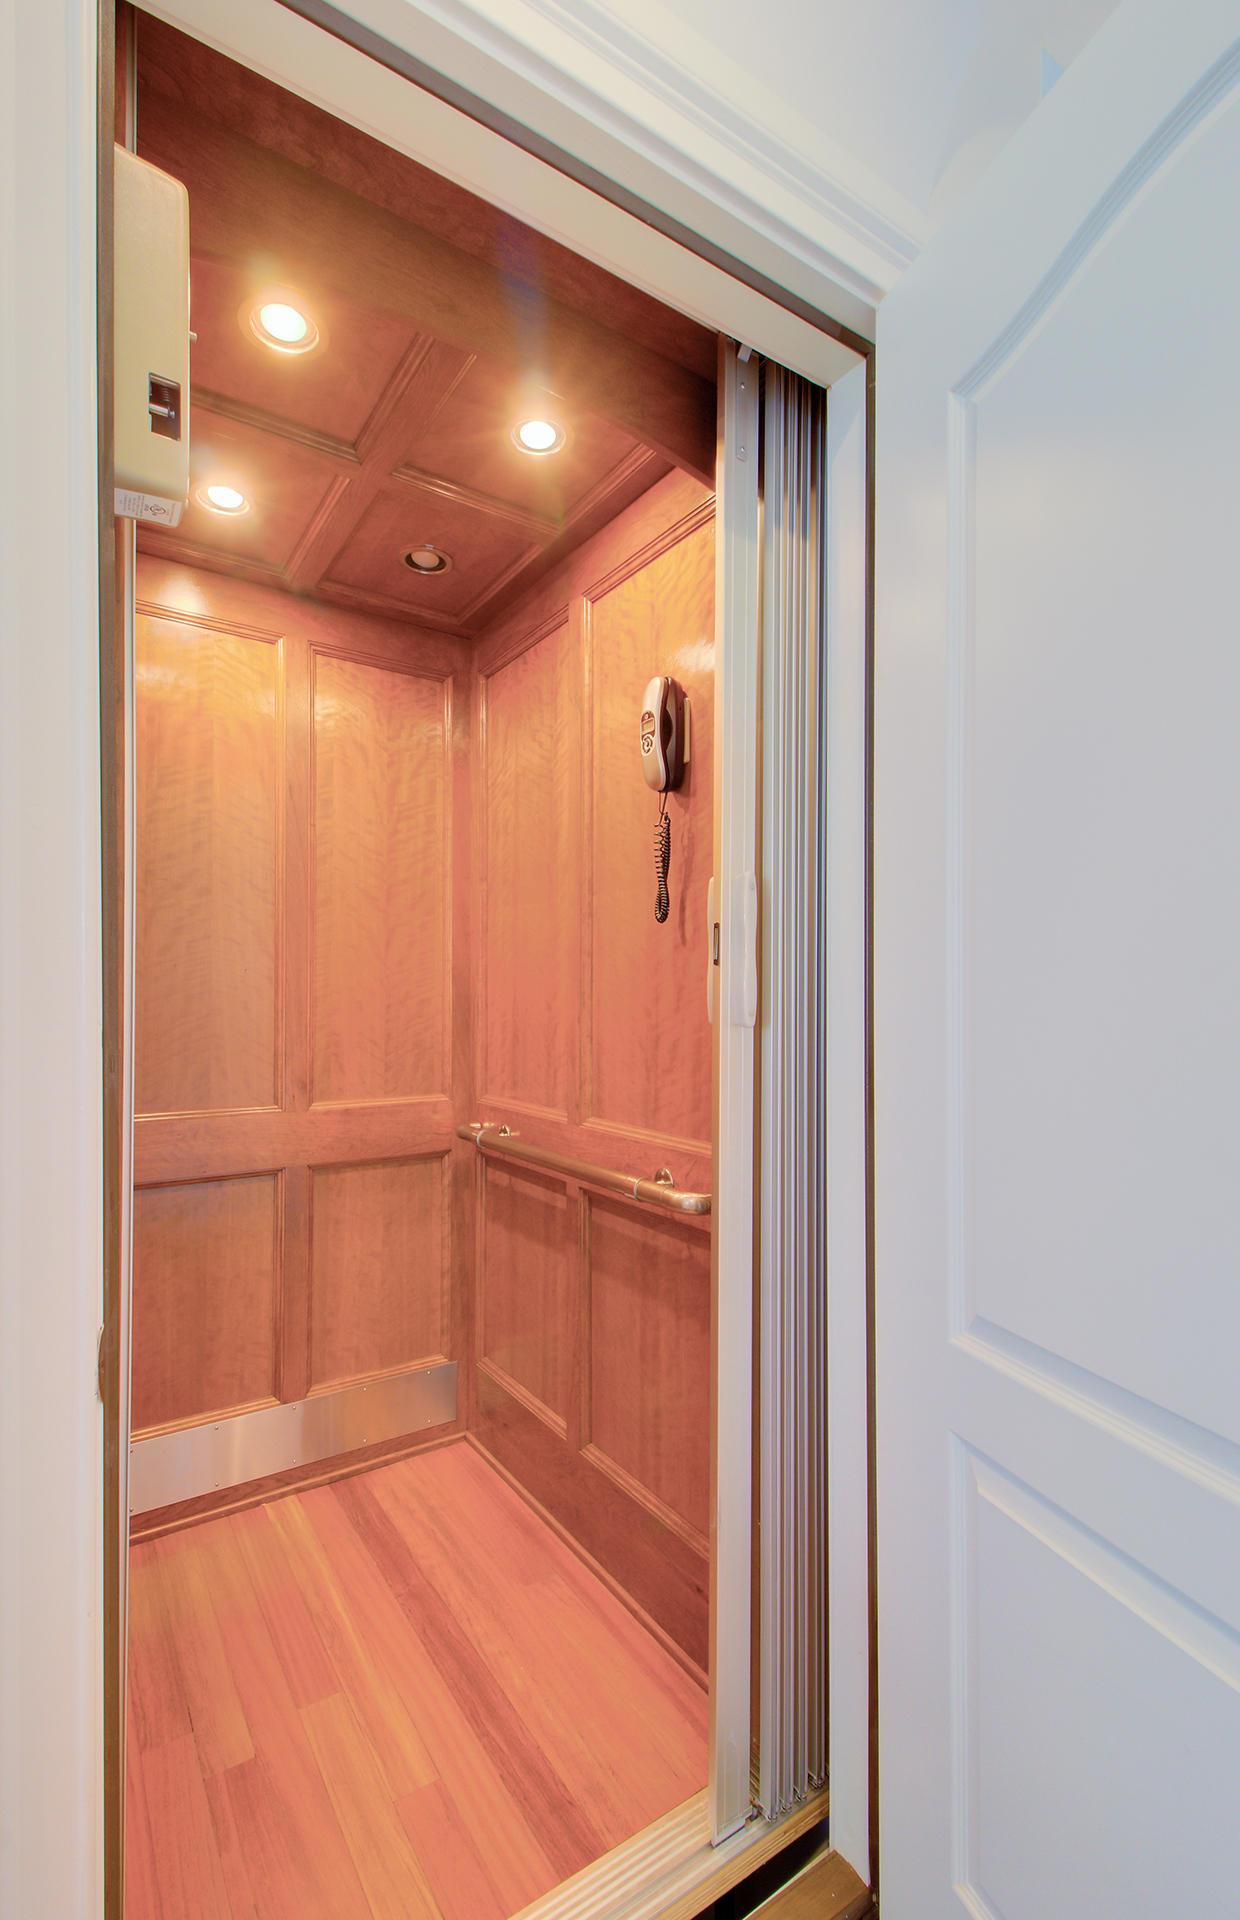 Dunes West Homes For Sale - 2913 Yachtsman, Mount Pleasant, SC - 19